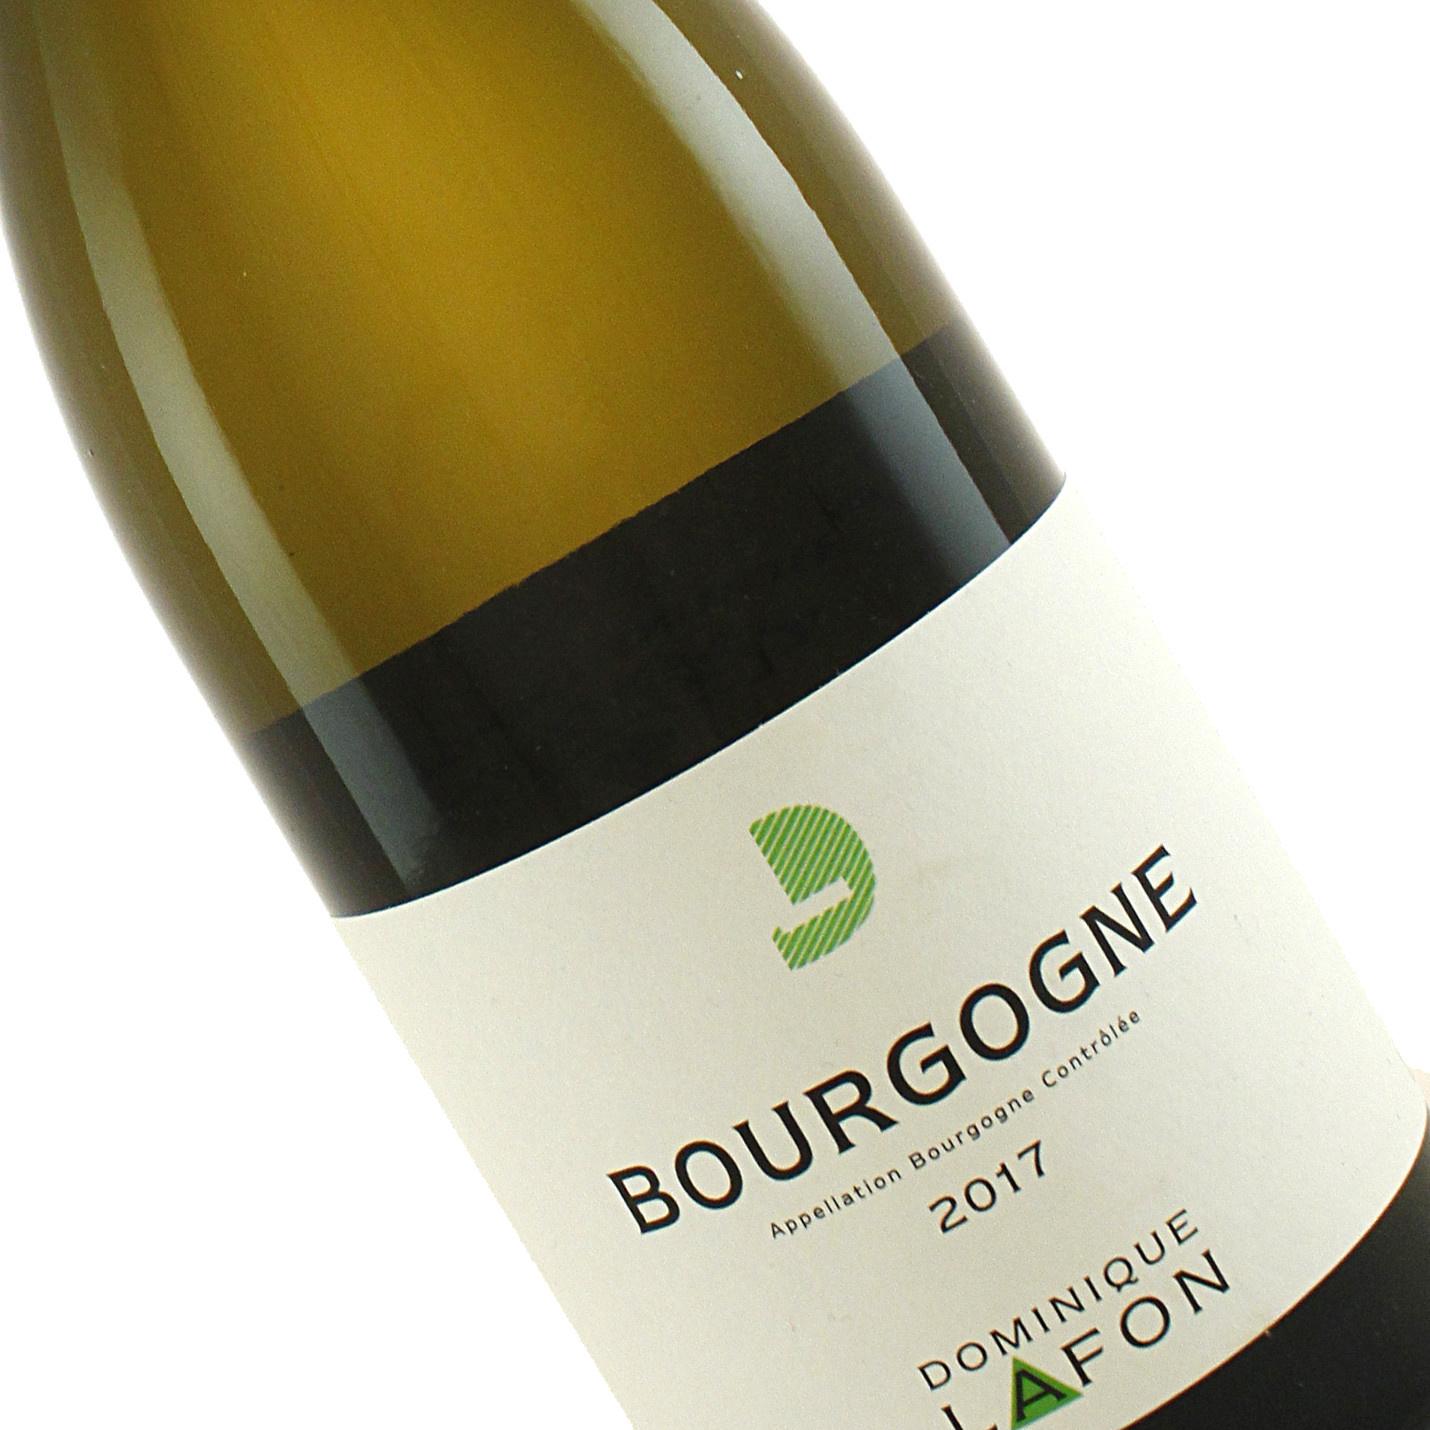 Dominique Lafon 2017 Bourgogne Blanc